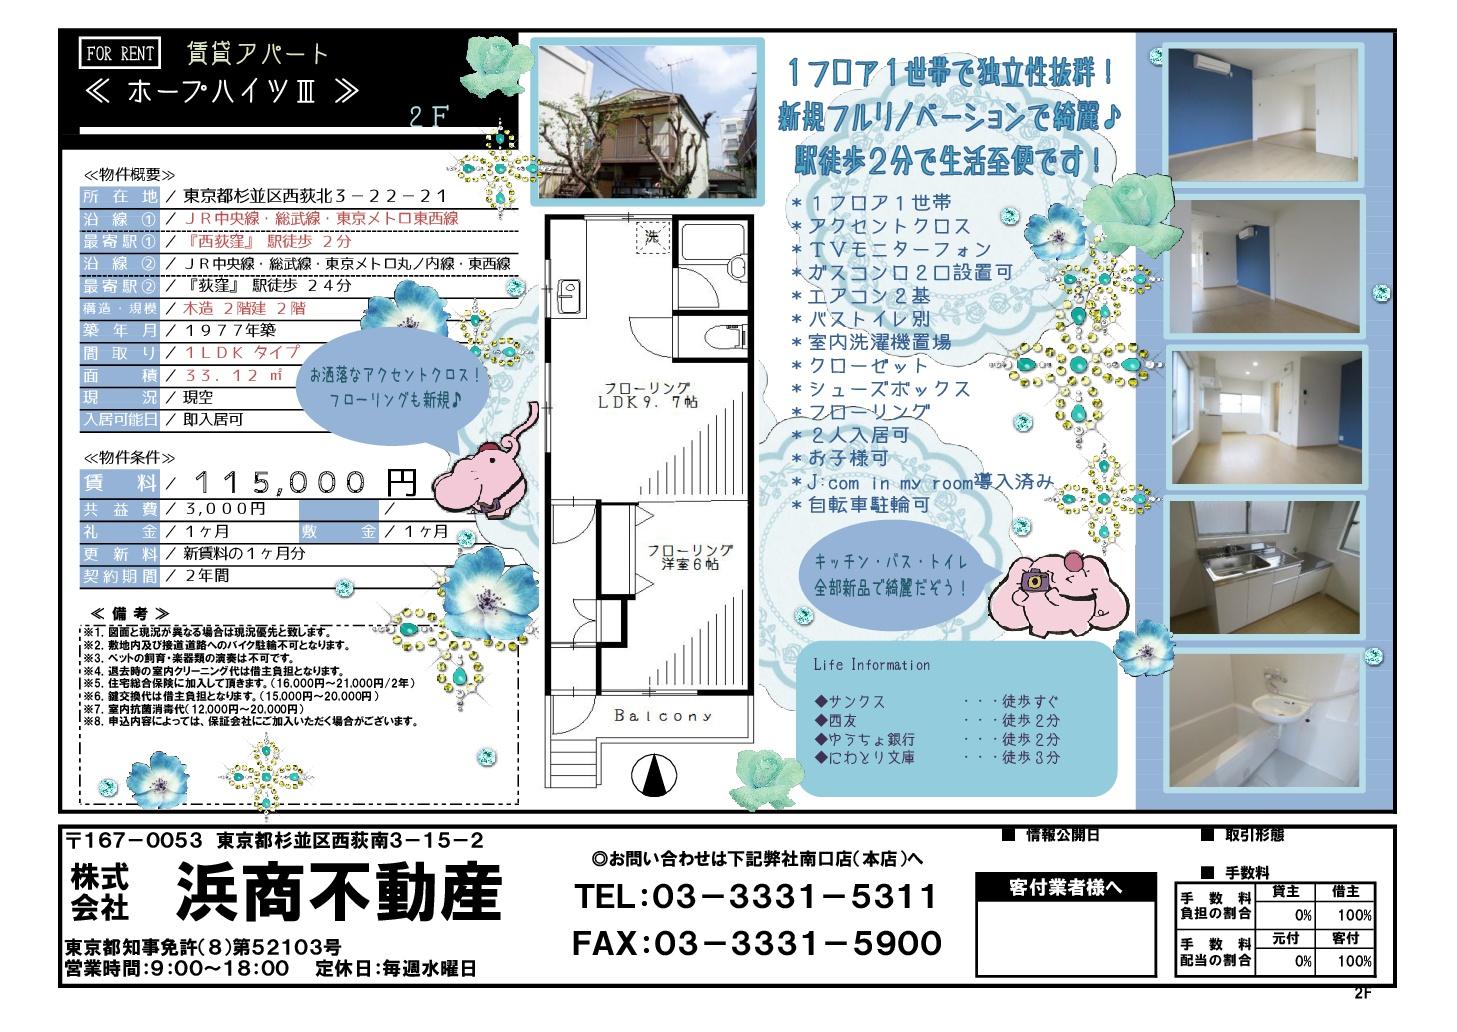 【図面】ホープハイツⅢ2F【20171120】-001 (1)